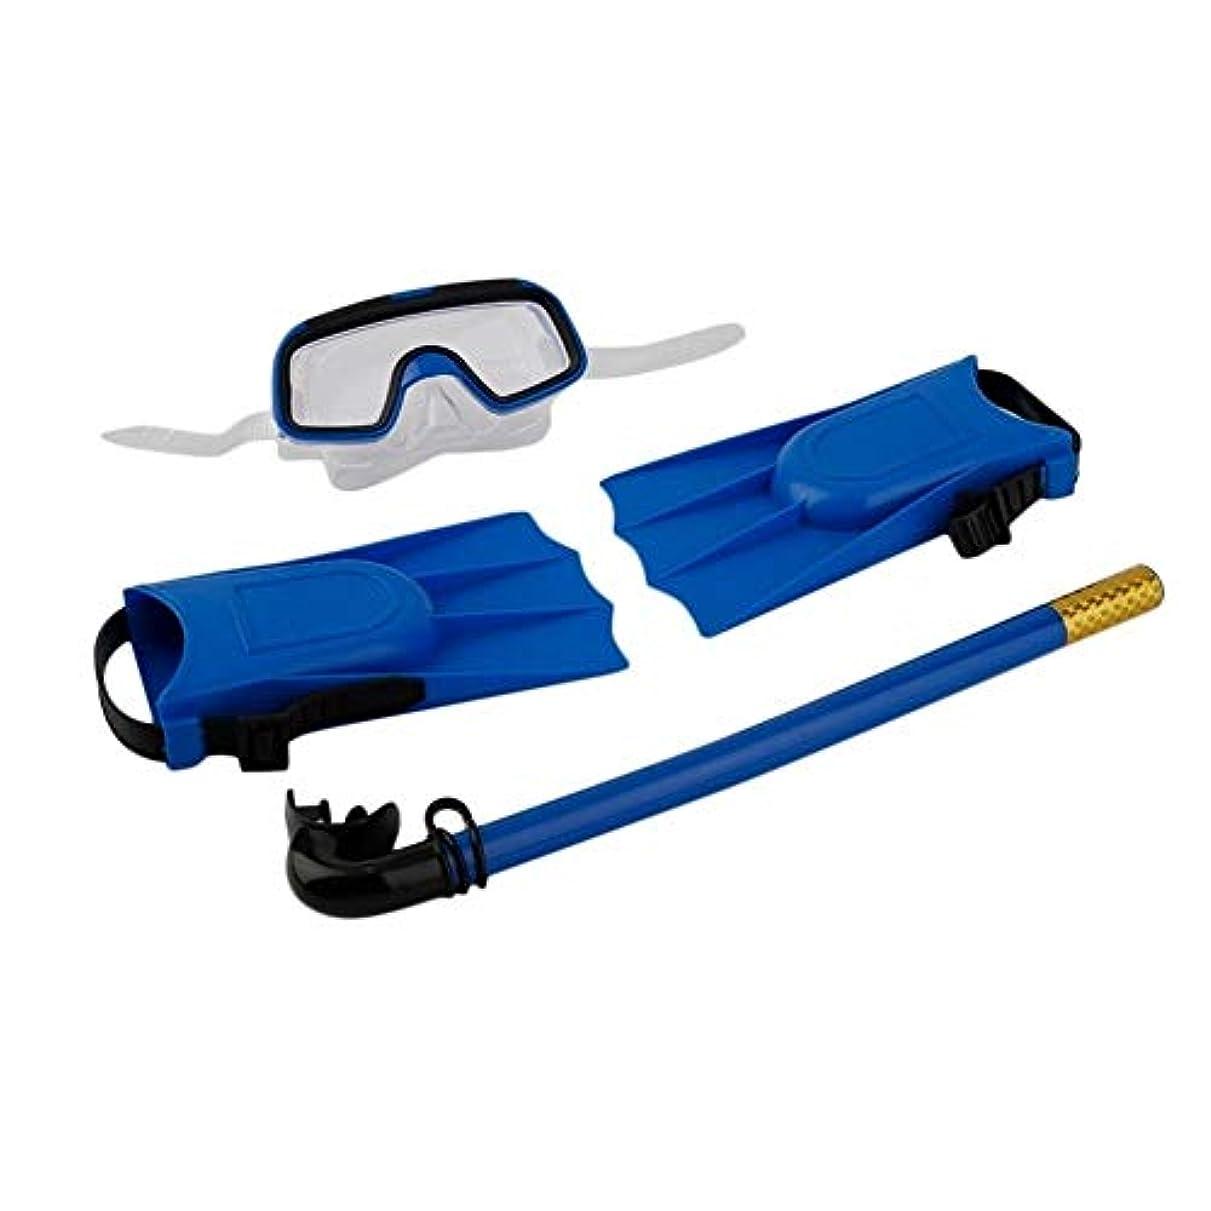 3パック子供のシュノーケリングセット男の子ダイビングセットシュノーケリングダイビングトレーニング機器ダイビングマスク+足首+足首ドロップシッピング g5y9k2i3rw1